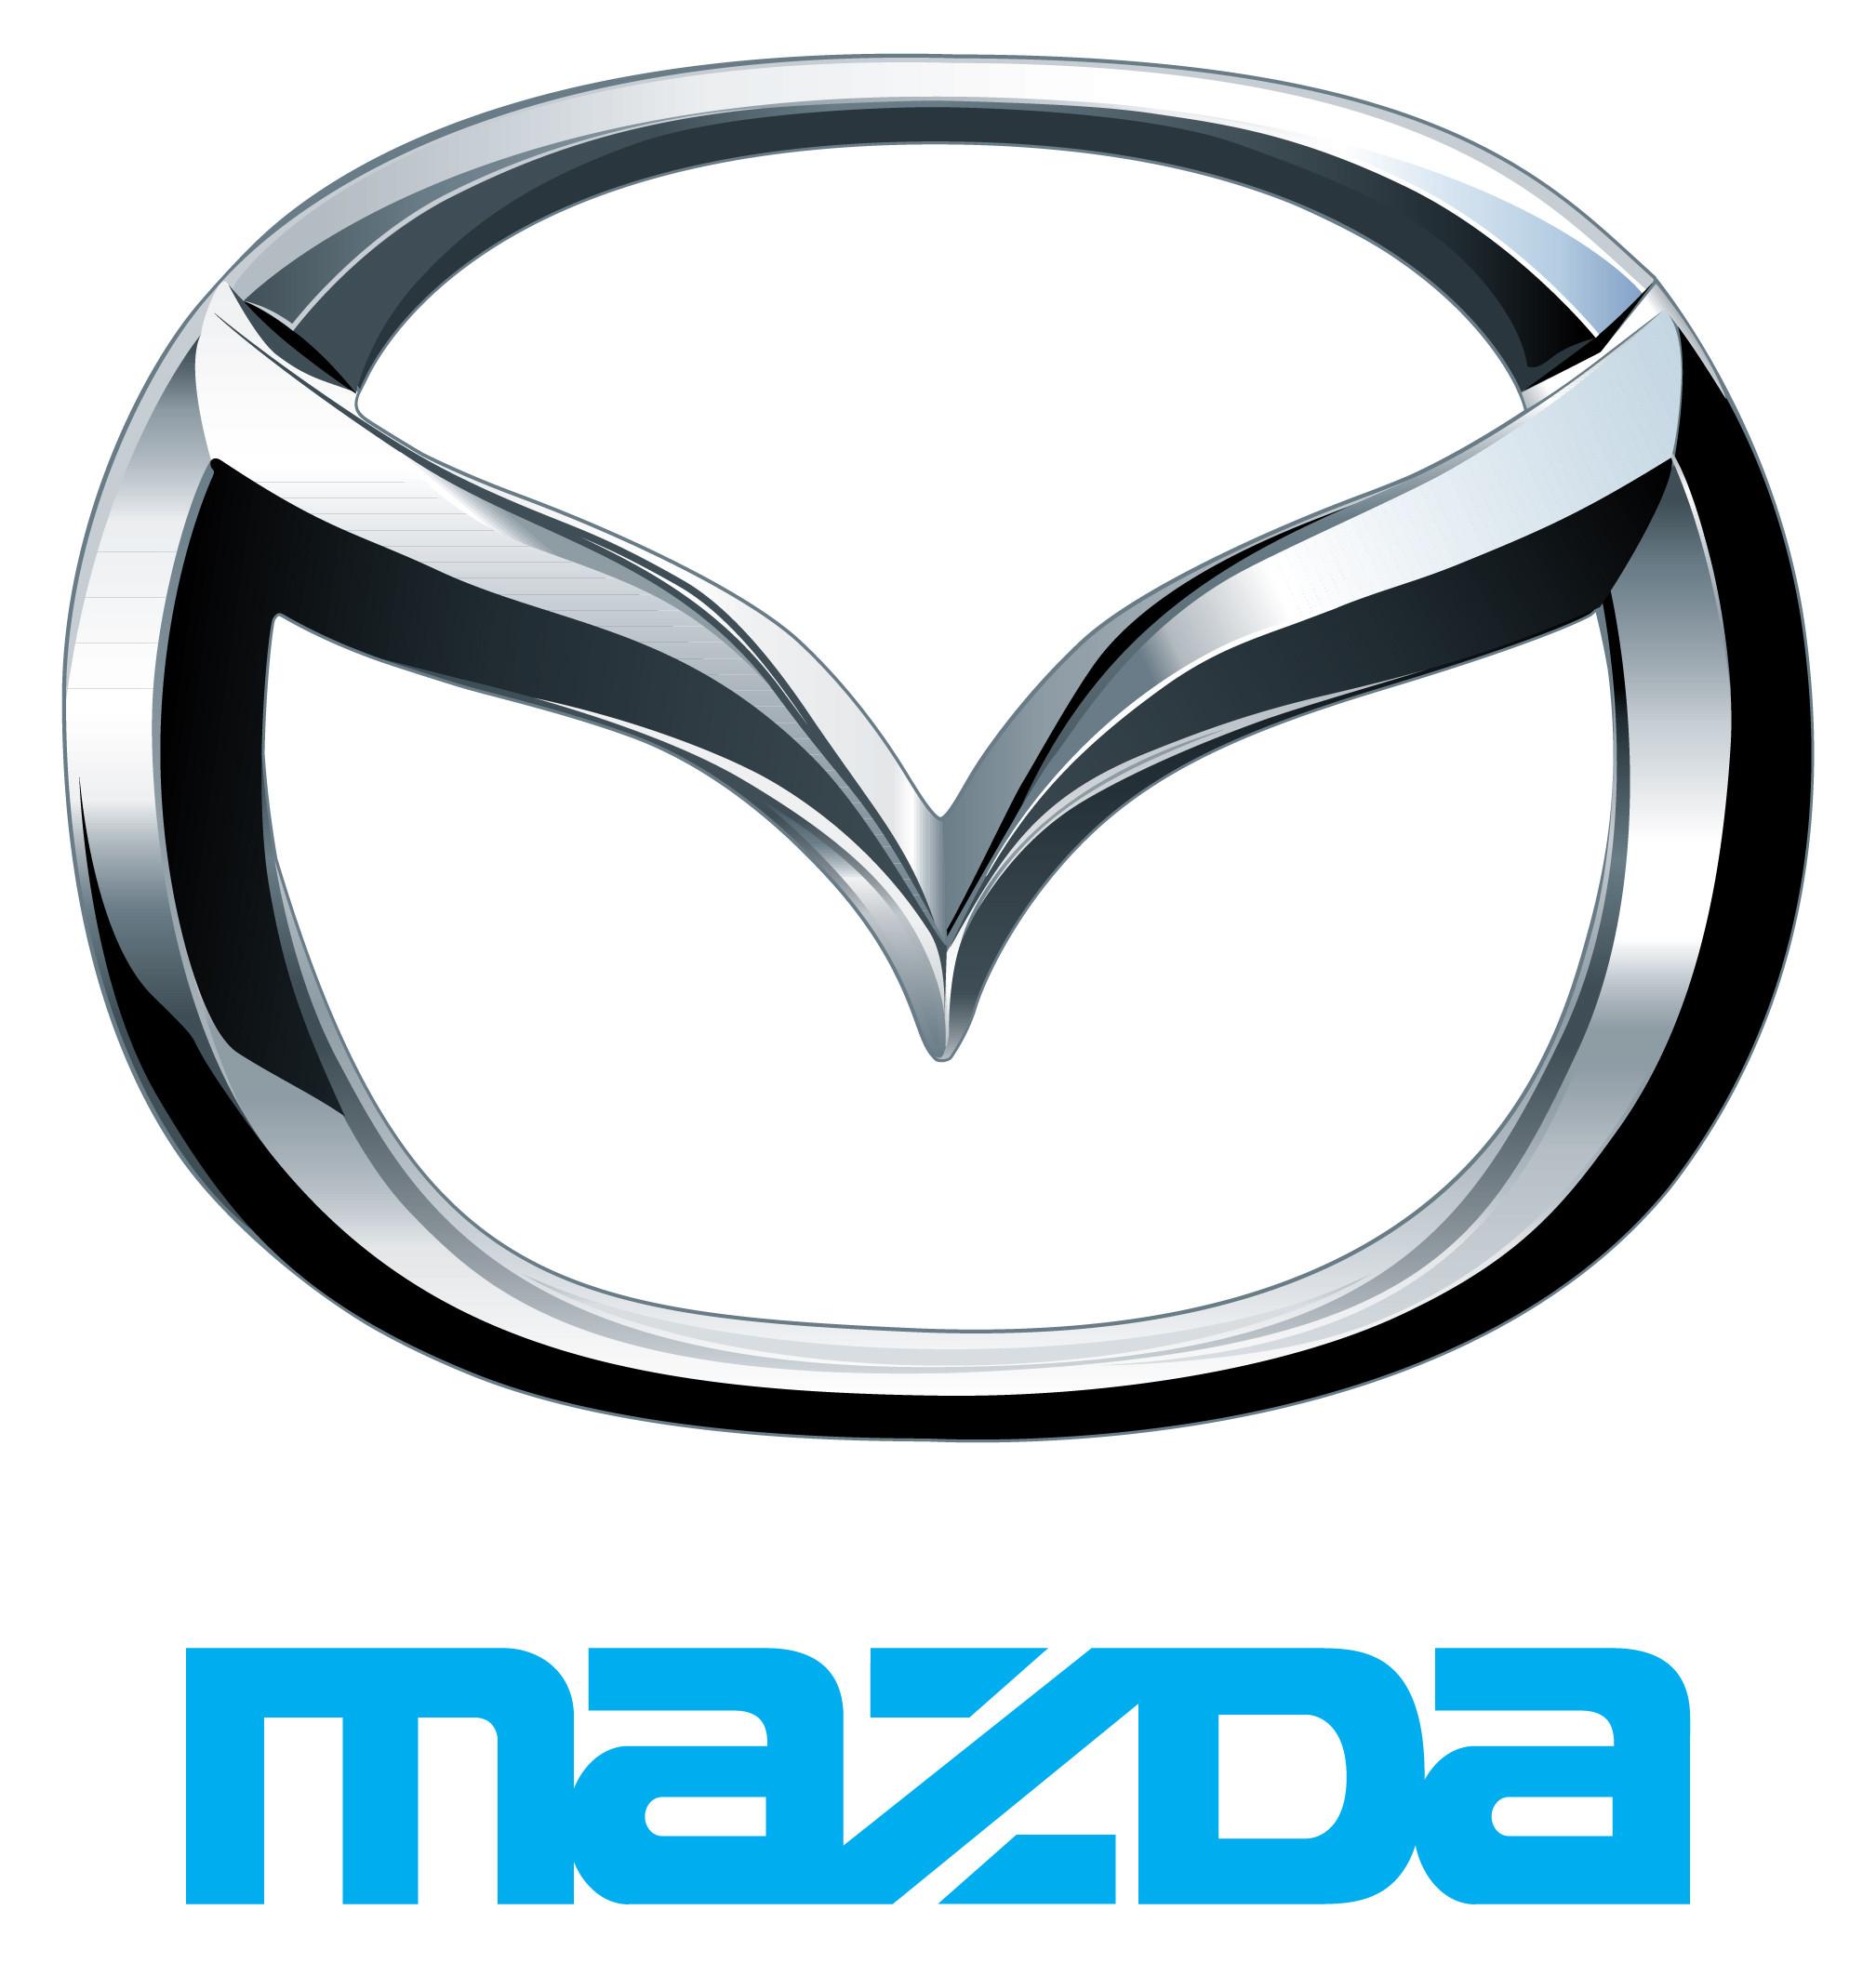 картинки с логотипами машин кого-то